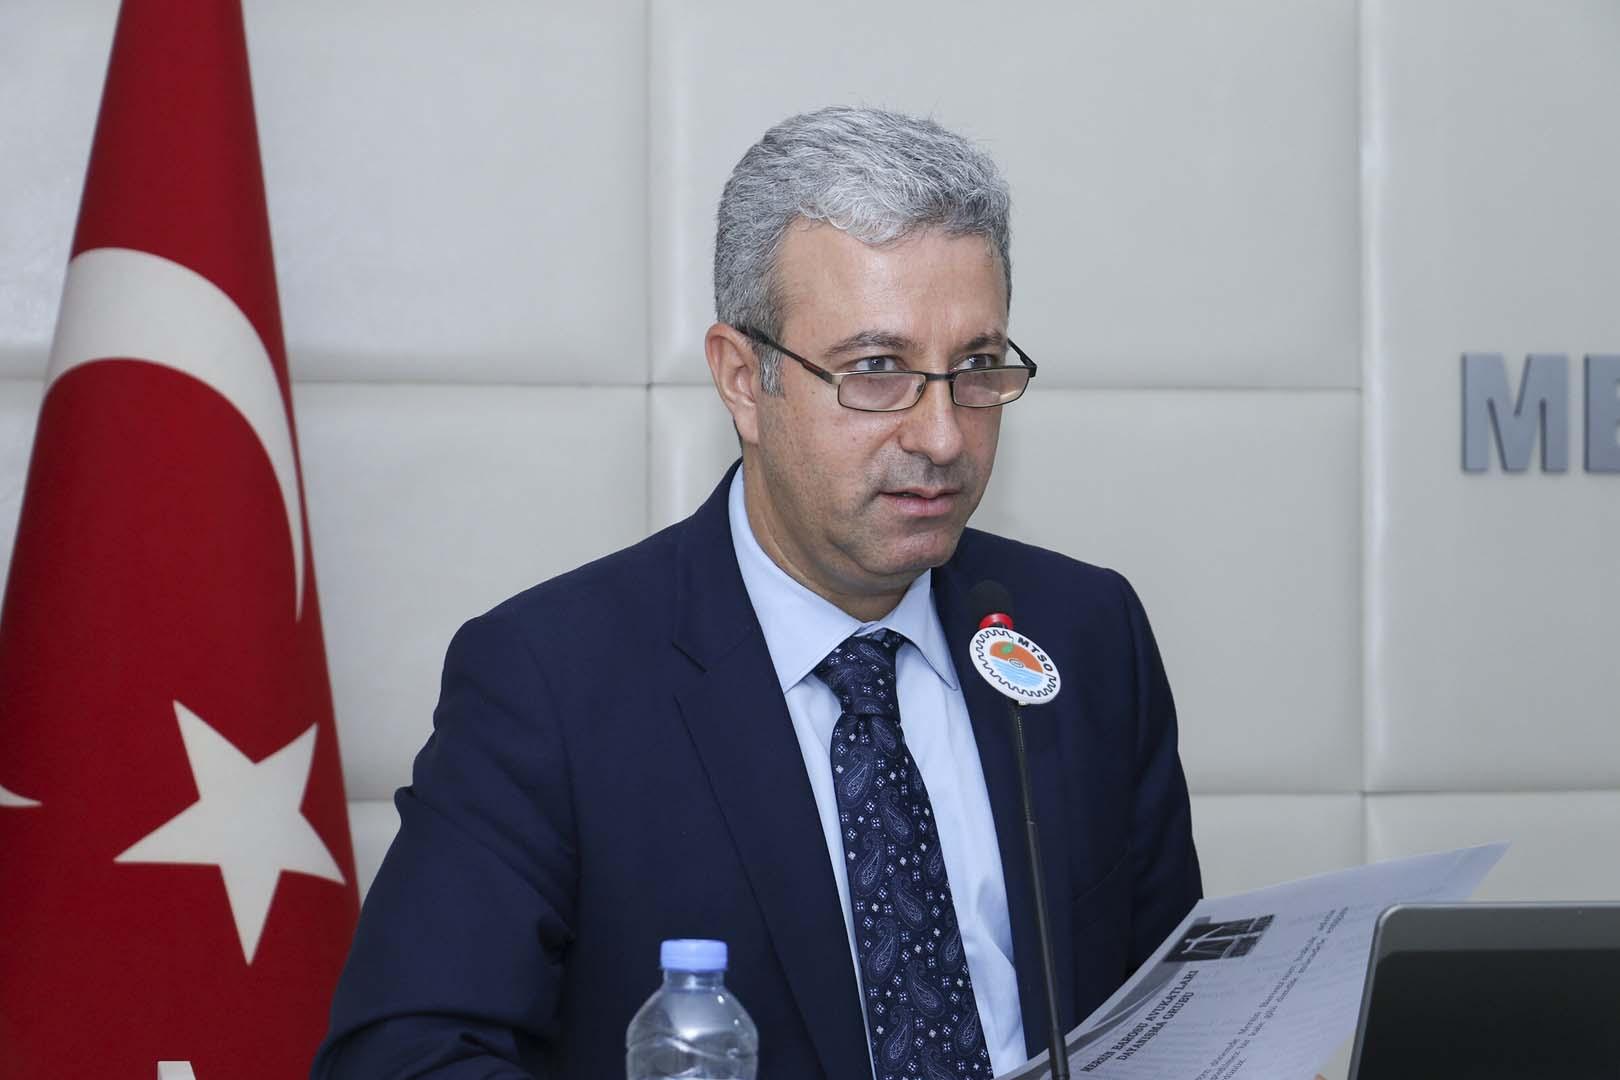 CHP'li Alpay Antmen'in yaptığı itirazlar reddedildi! Mahkeme karar doğru dedi